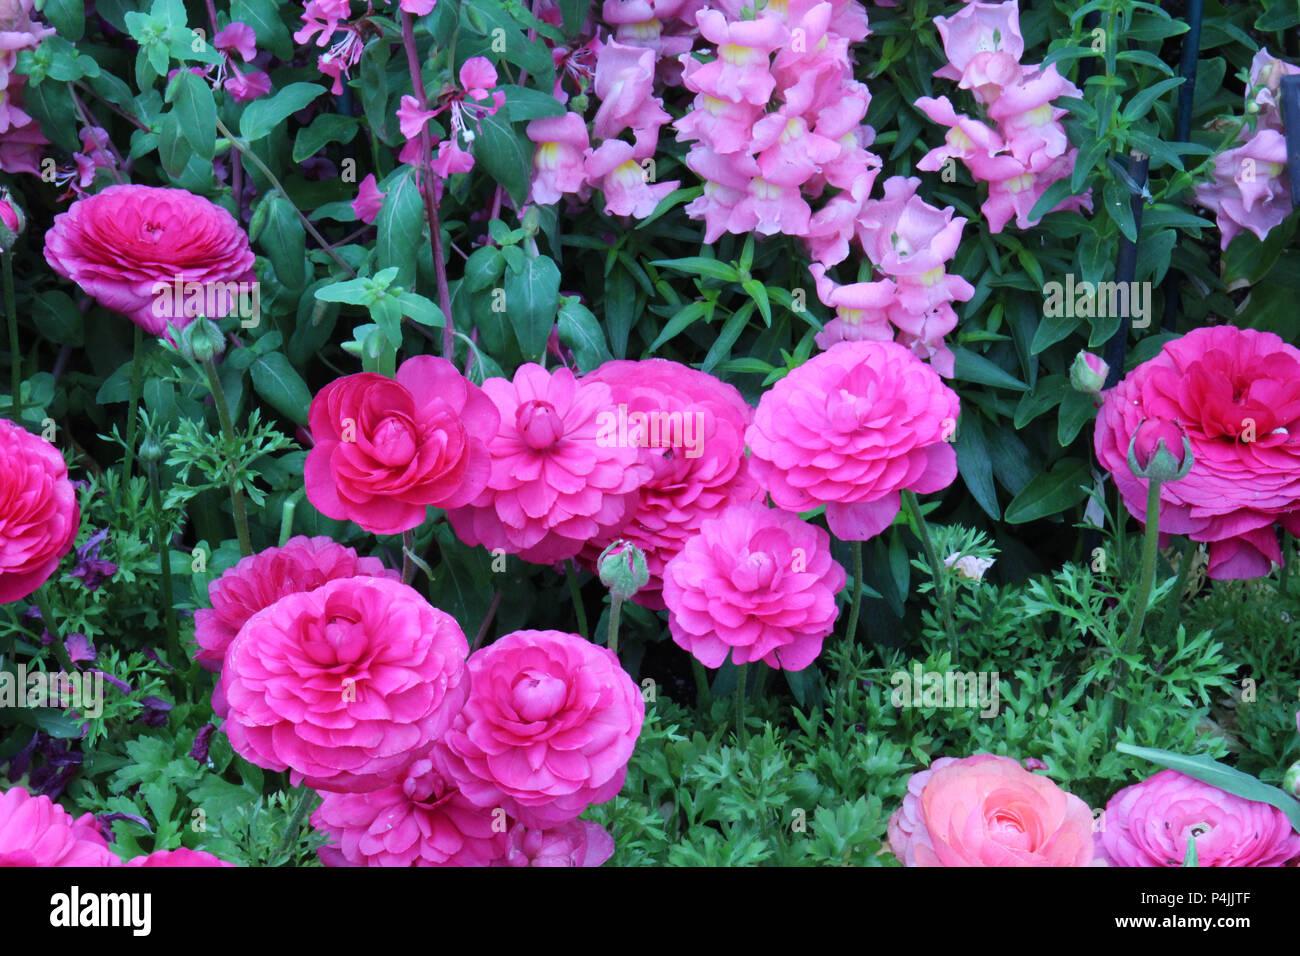 Et rose peach Ranunculus et rose des gueules poussant dans un lit de fleur au printemps Banque D'Images